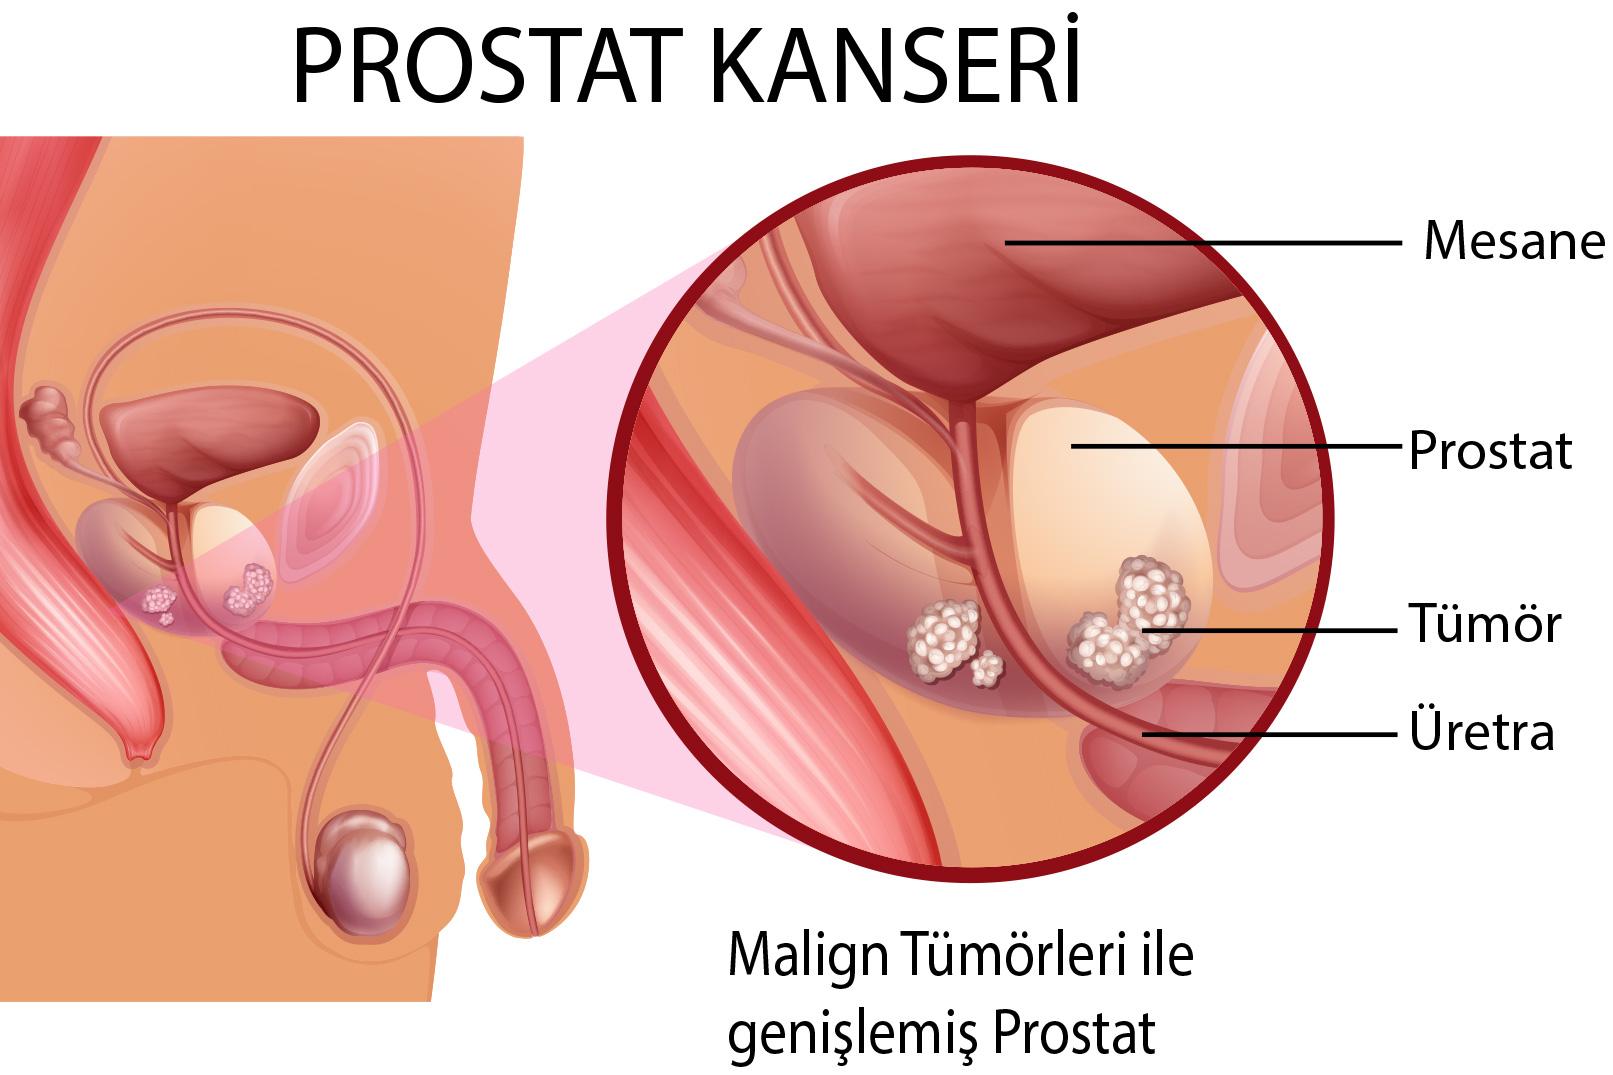 prostat kanseri, prostat kanseri tedavisi, prostat kanseri tanısı